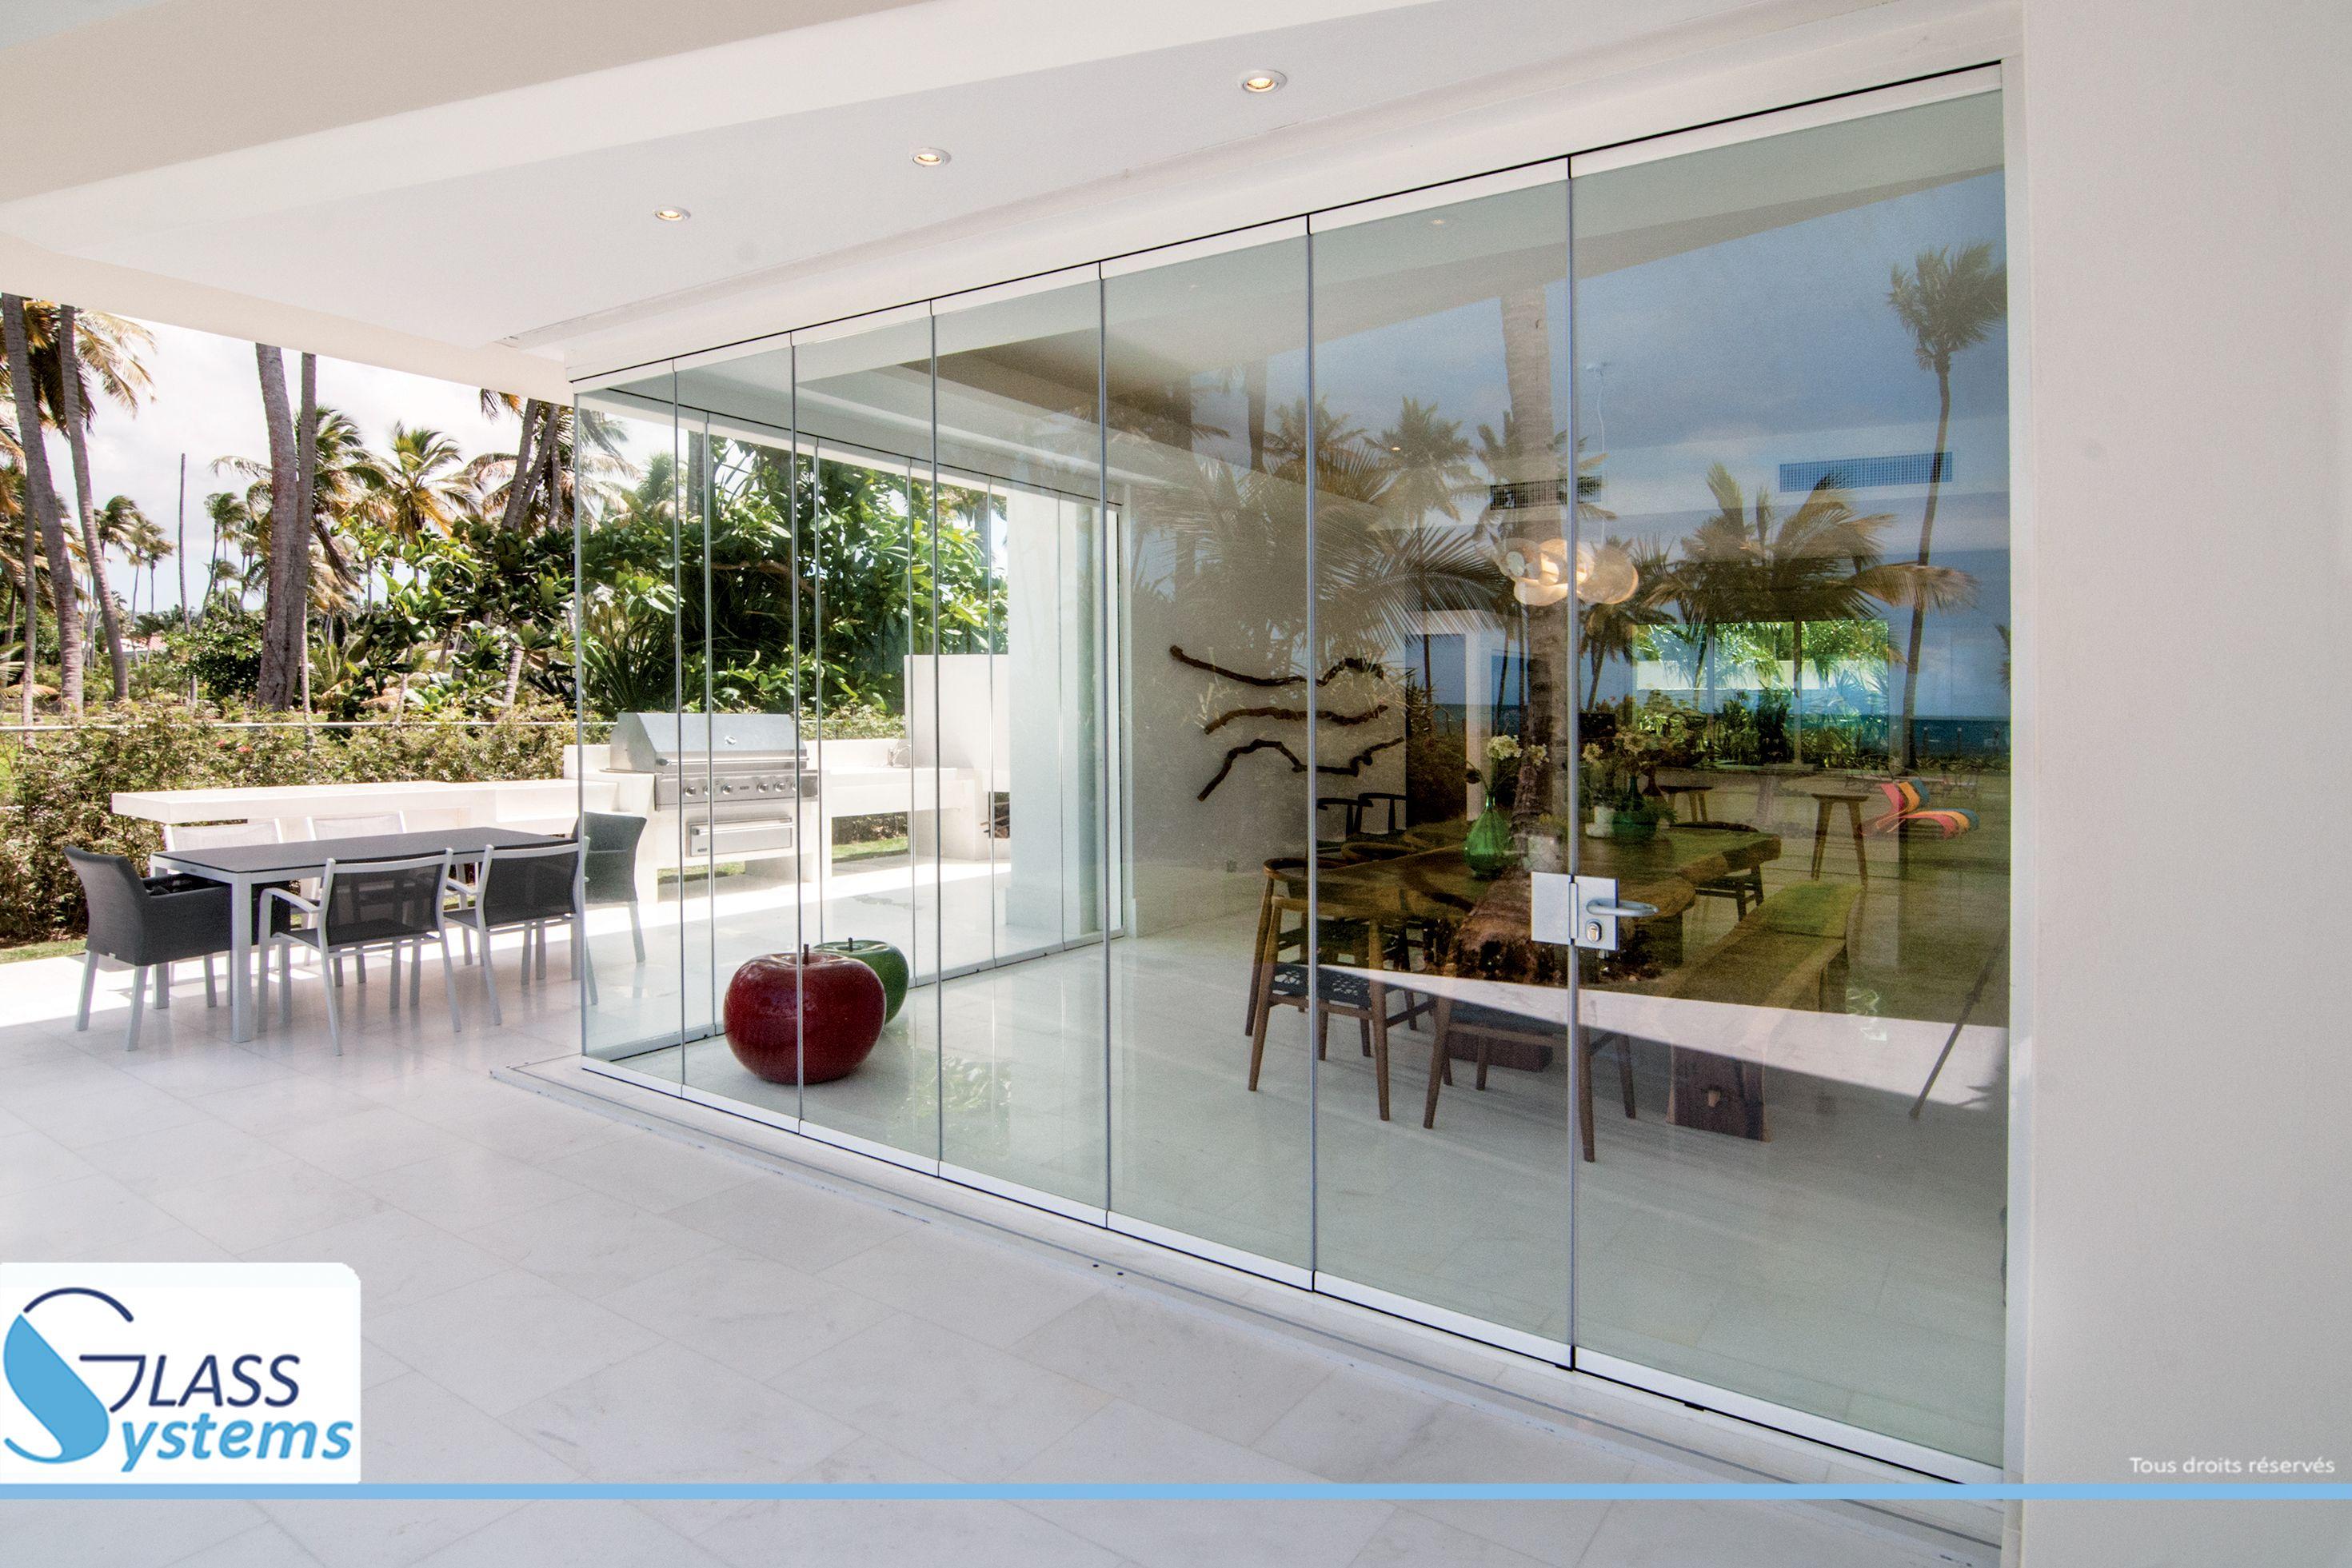 Combien Coute Une Baie Vitrée A Galandage image du tableau seeglass one, le rideau de verre 8-10 mm de